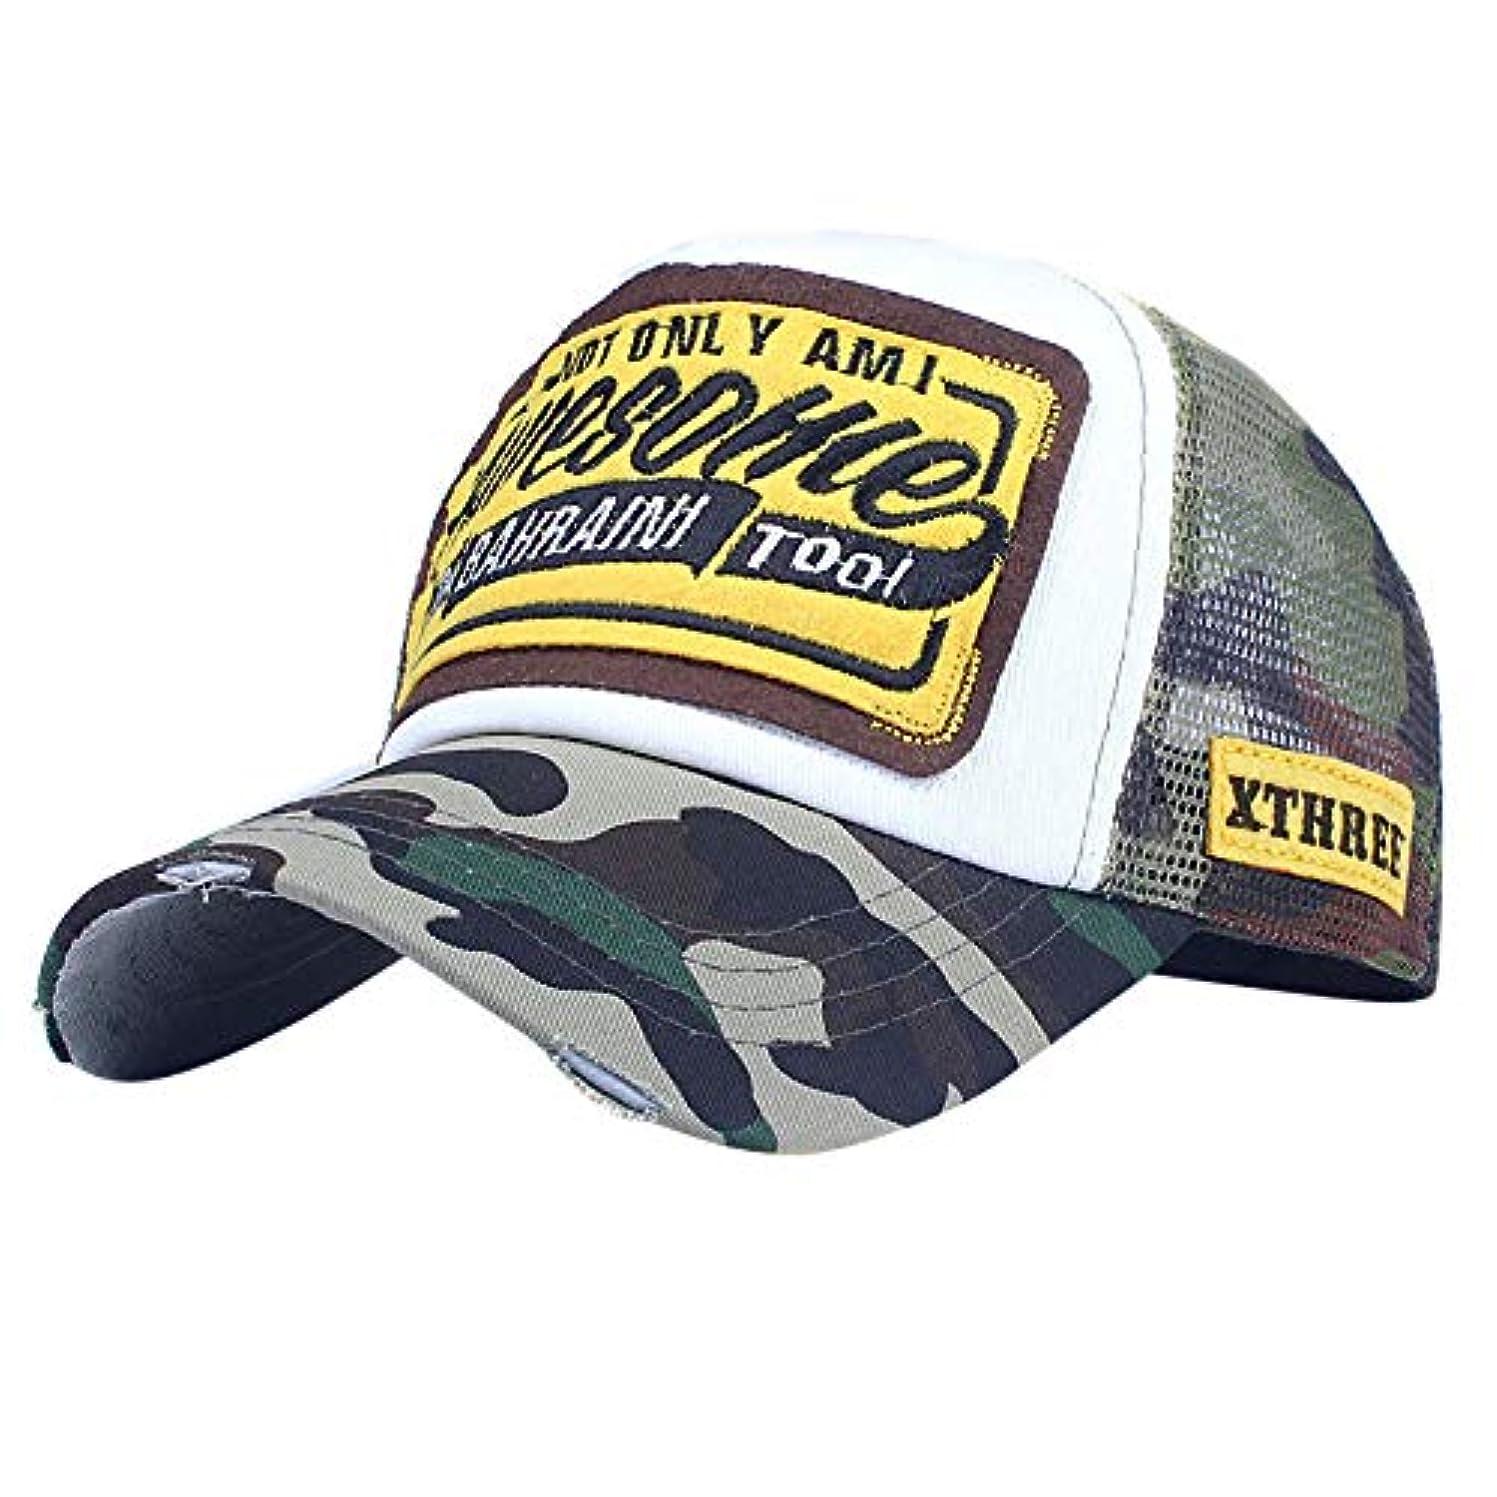 彼らの流出醸造所Racazing カモフラージュ 野球帽 ヒップホップ メンズ 夏 登山 帽子 迷彩 可調整可能 プラスベルベット 棒球帽 UV 帽子 UVカット軽量 屋外 Unisex 鸭舌帽 Hat Cap